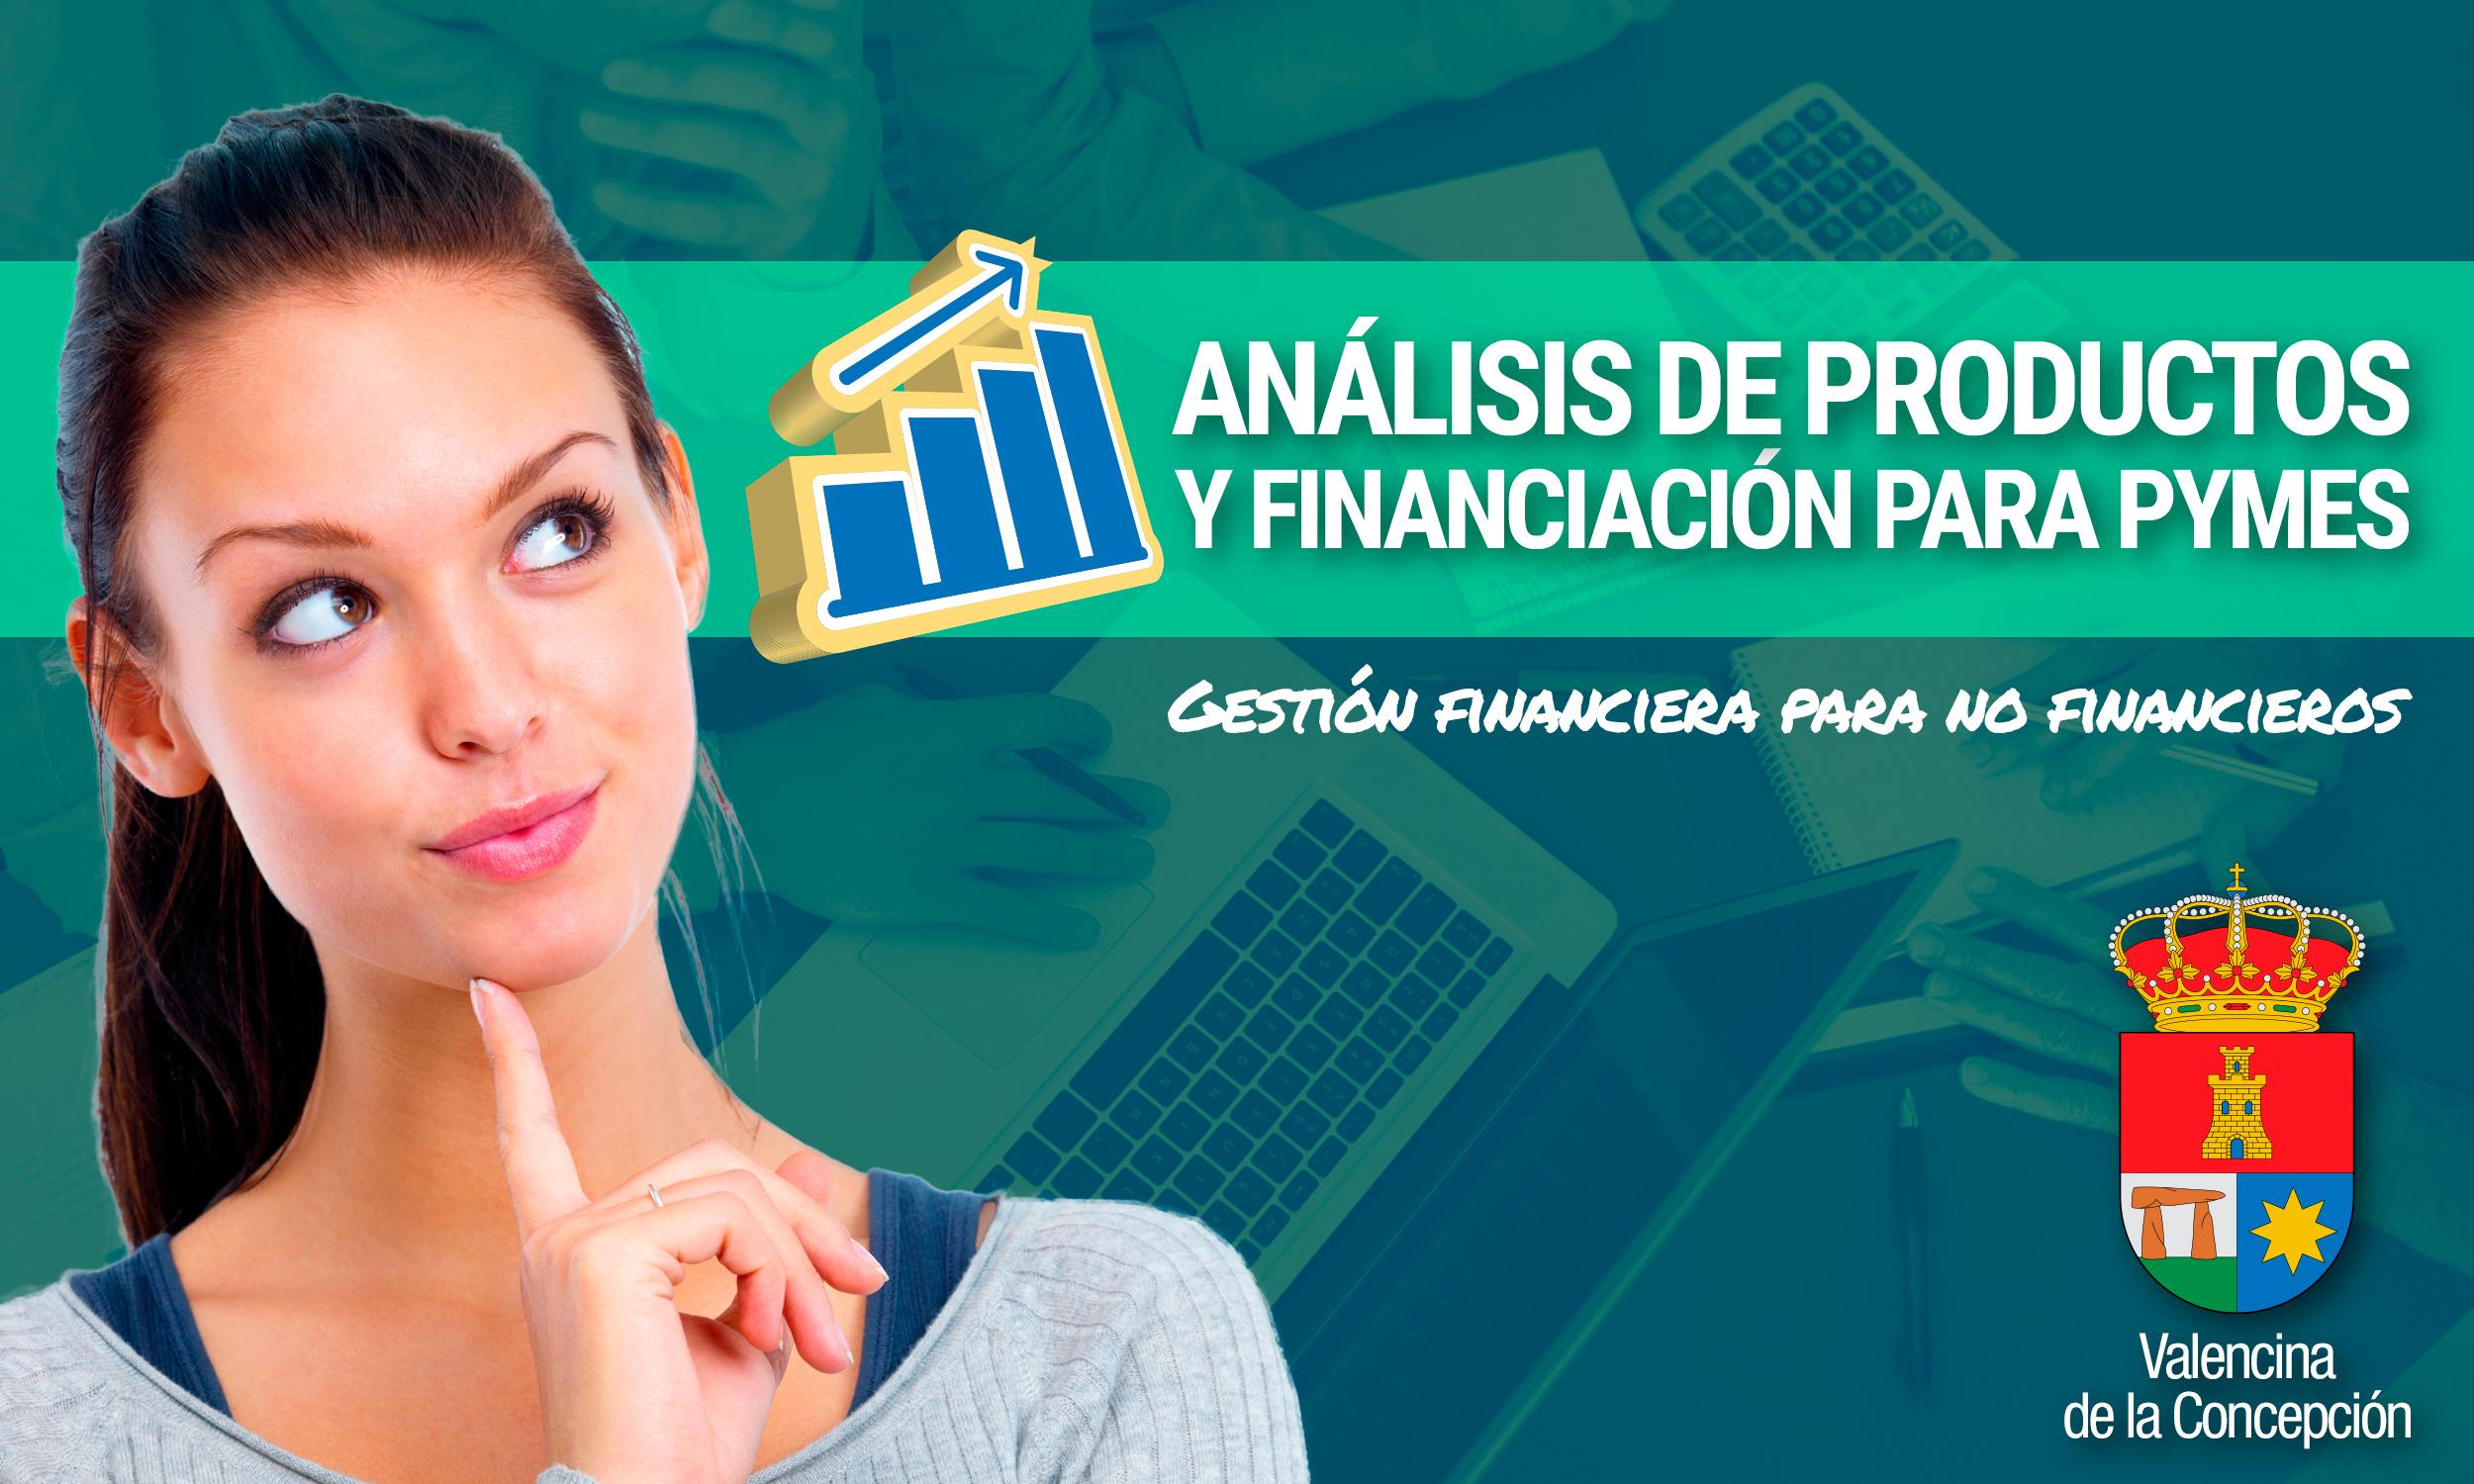 Permalink to:CURSO DE ANÁLISIS DE PRODUCTOS Y FINANCIACIÓN PARA PYMES. Valencina de la Concepción